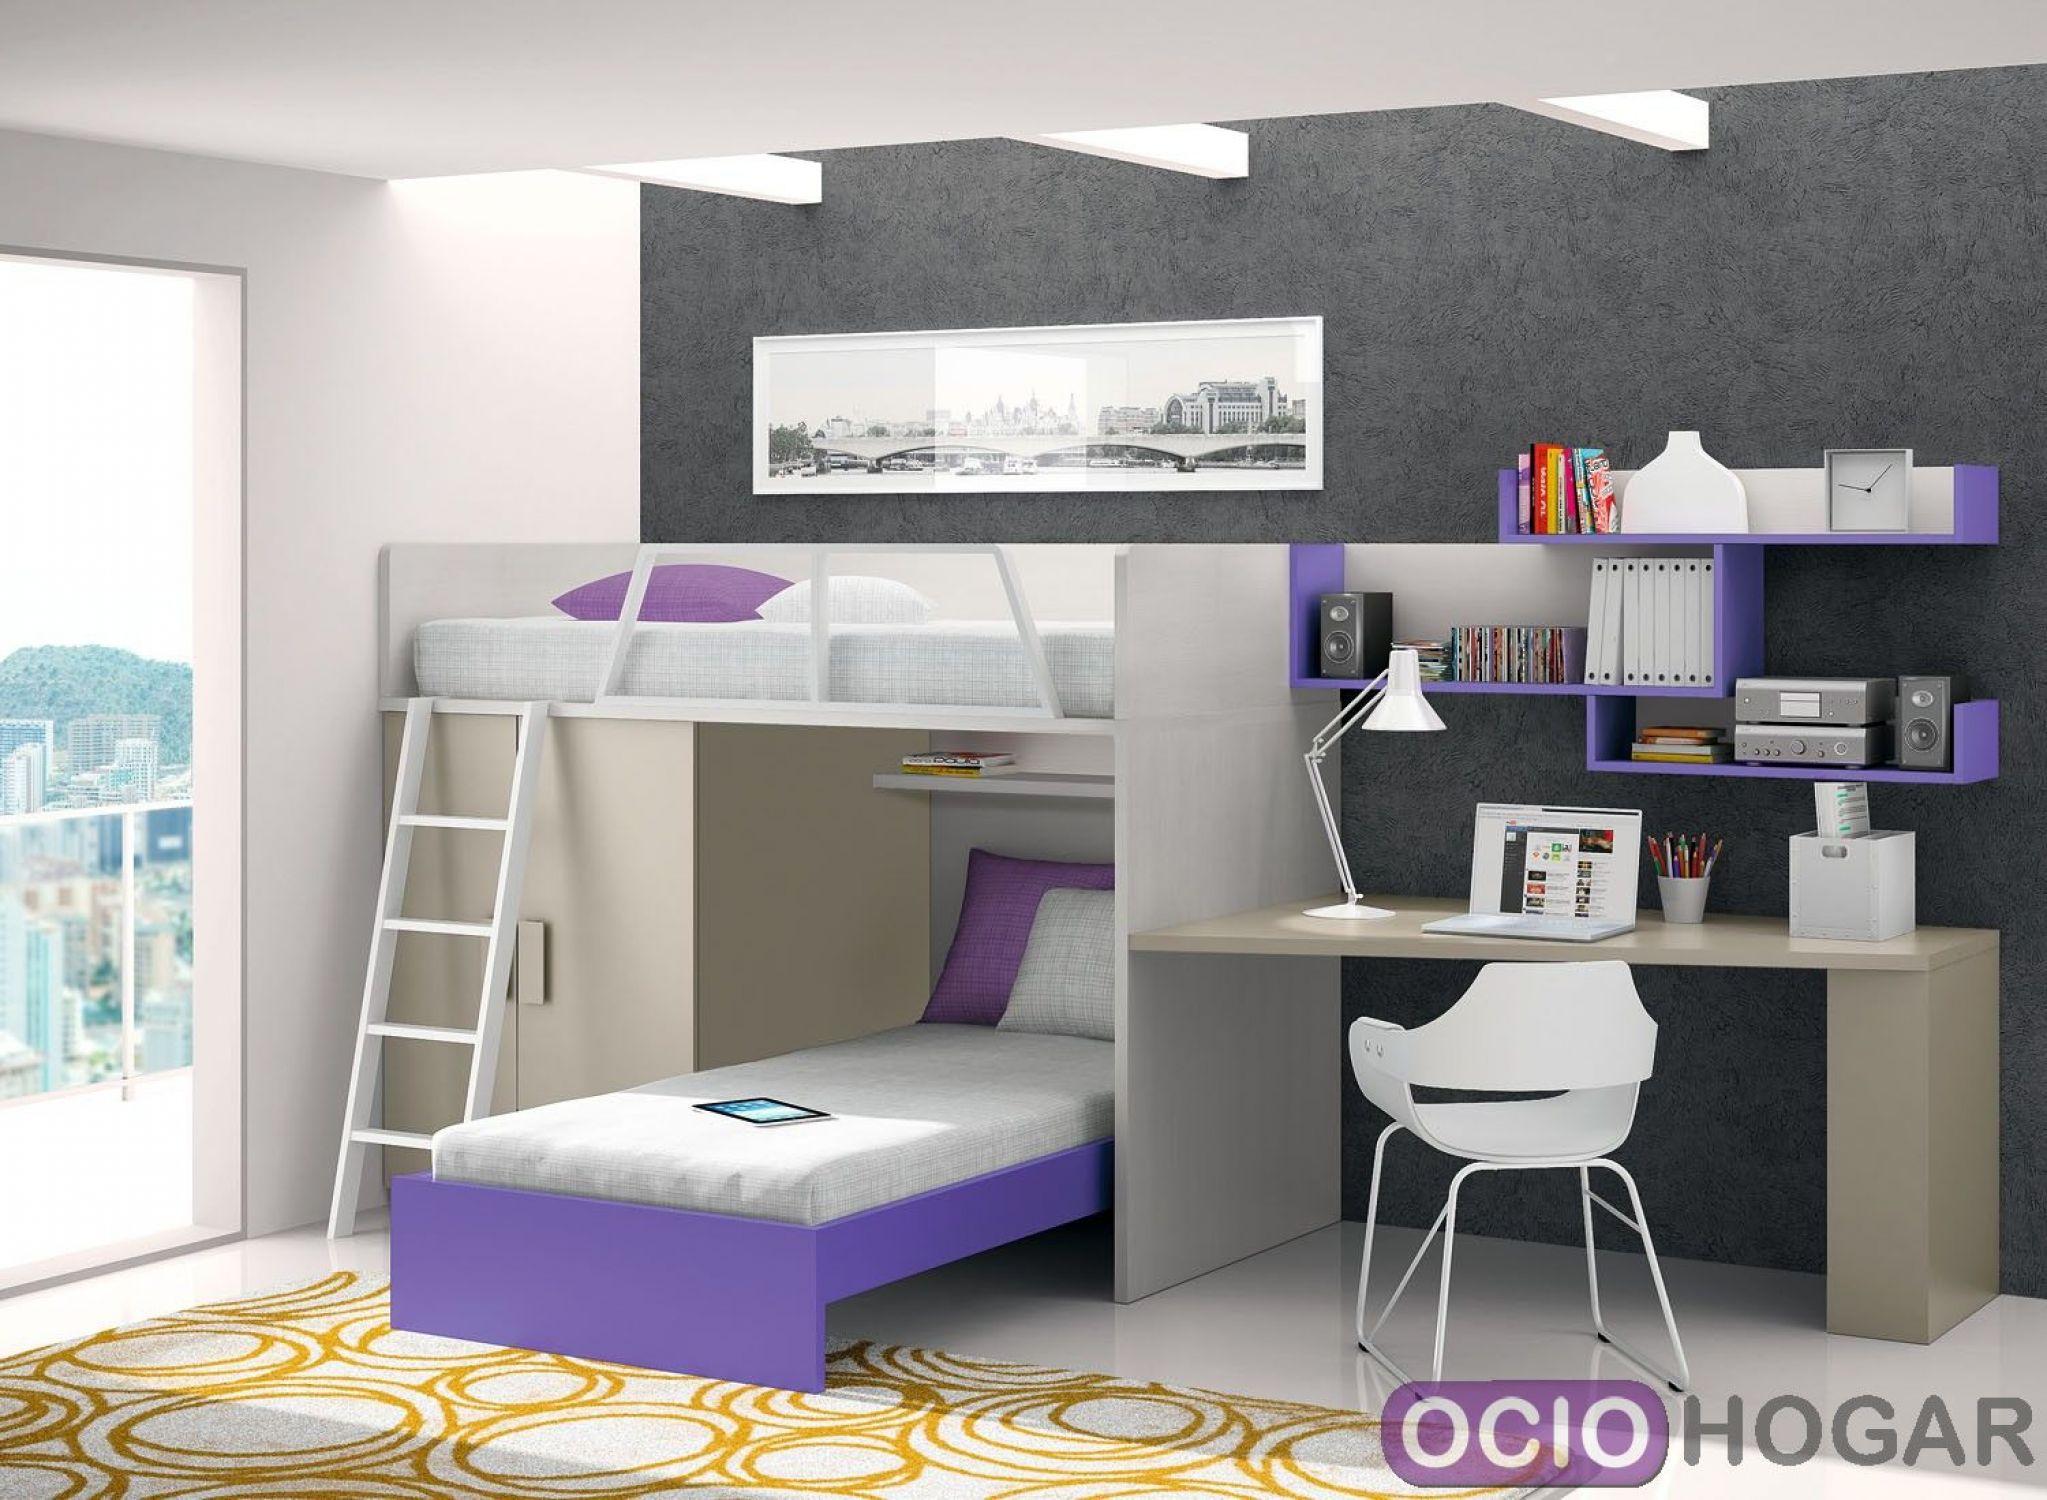 Dormitorio juvenil violet de dissery muebles infantiles - Dormitorio juvenil doble cama ...